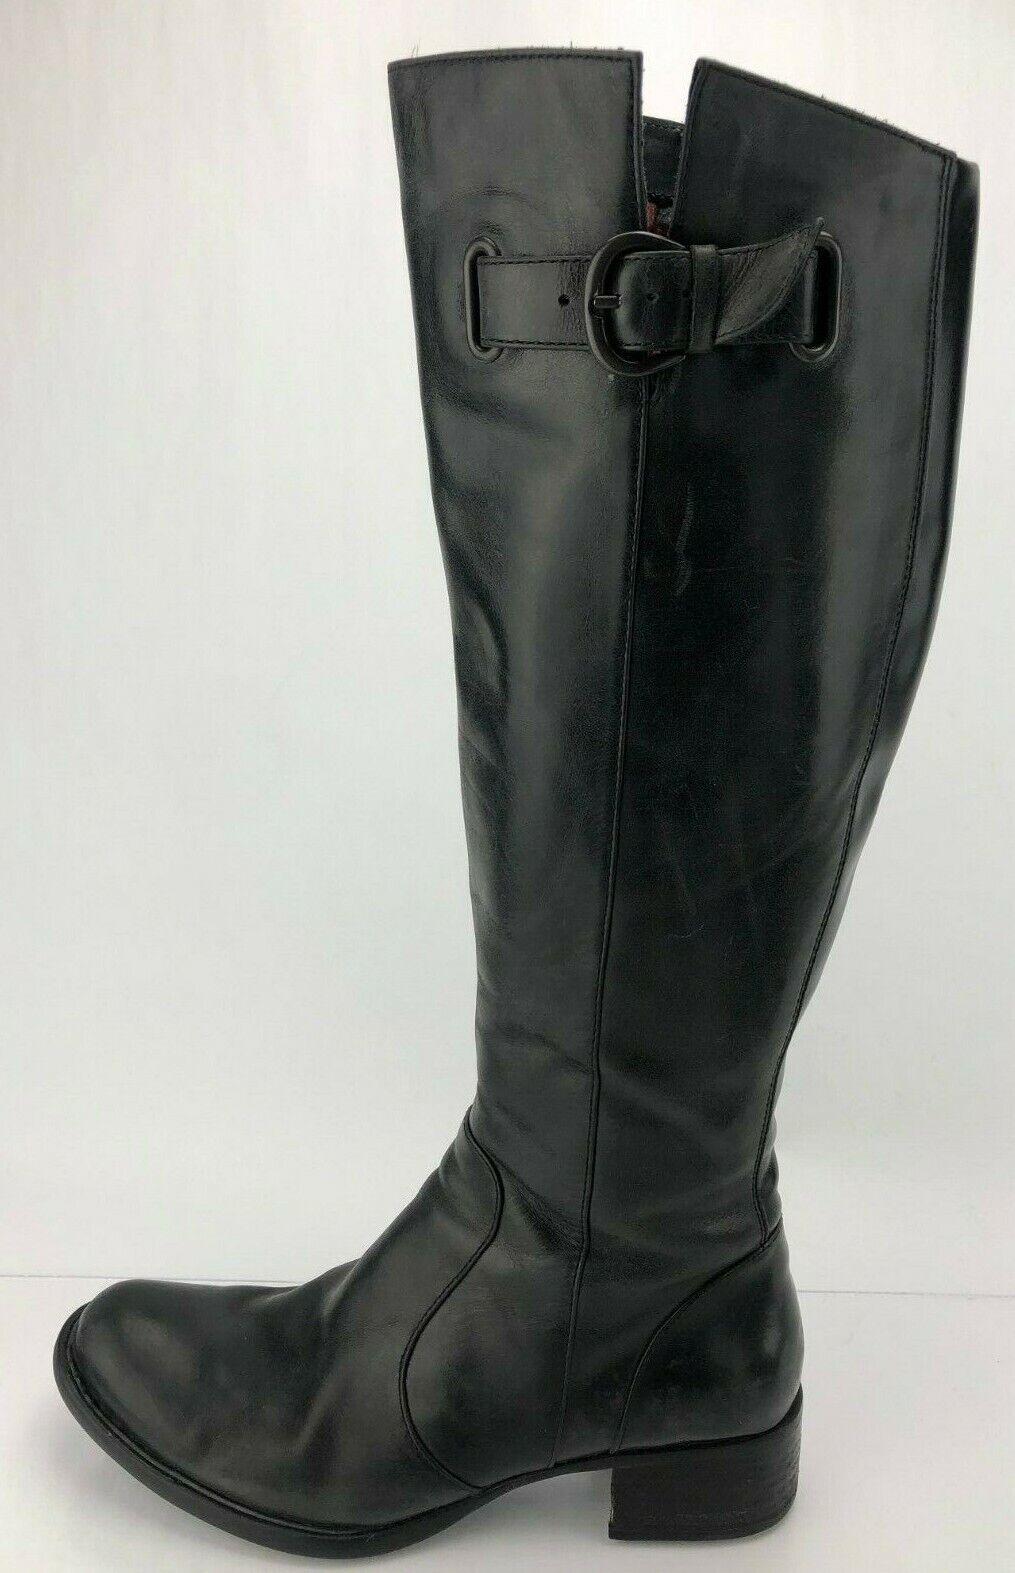 Sconto del 60% Born Crown Crown Crown Knee High stivali Roxie nero Leather Zip Tall Riding scarpe donna 8 M  consegna lampo